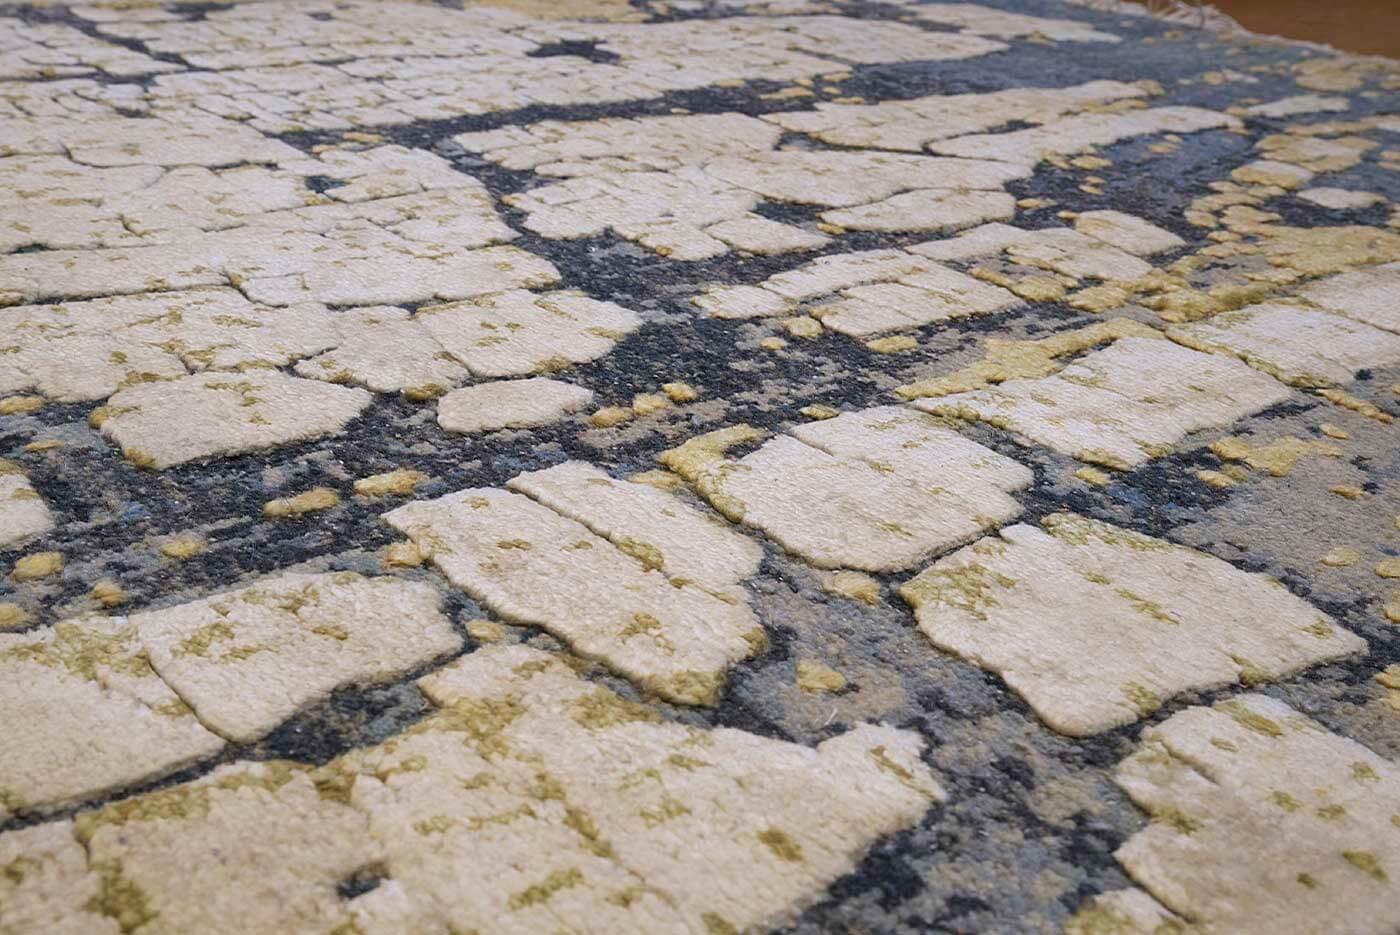 chelsea_design_oxidised_tapijt_moderne_tapijten_koreman_maastricht_305x244_blauw_creme_beige_detail2